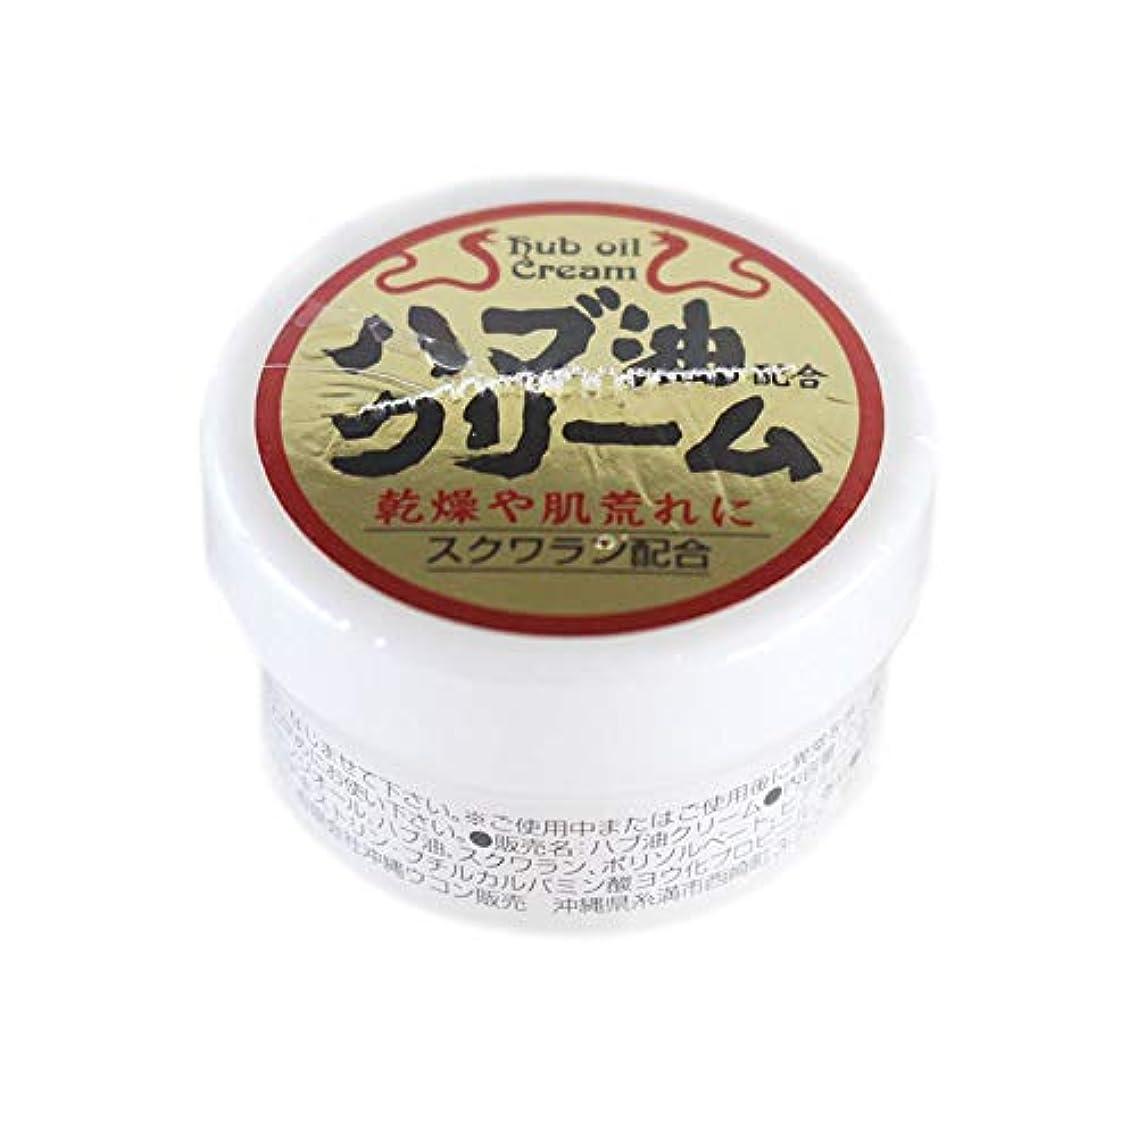 ピカリング抑制ぴかぴかハブ油配合クリーム 3個【1個?20g】